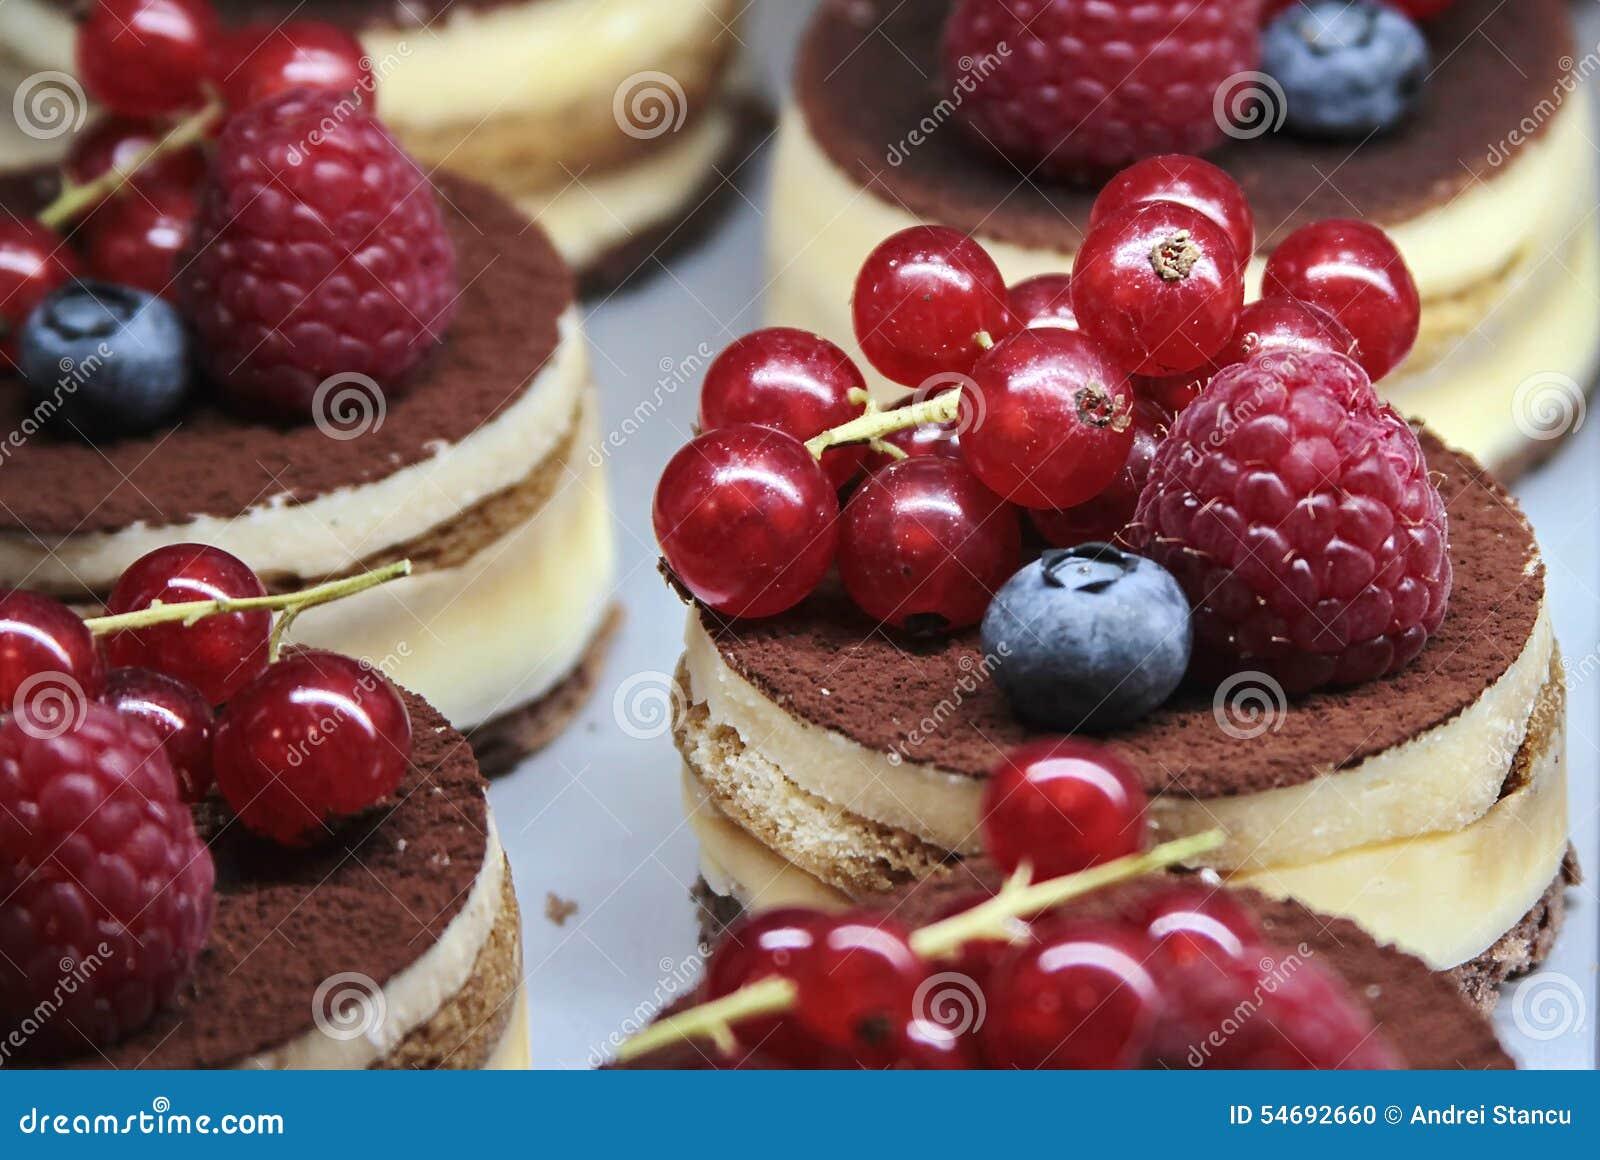 Κέικ με την κρέμα και τα μούρα